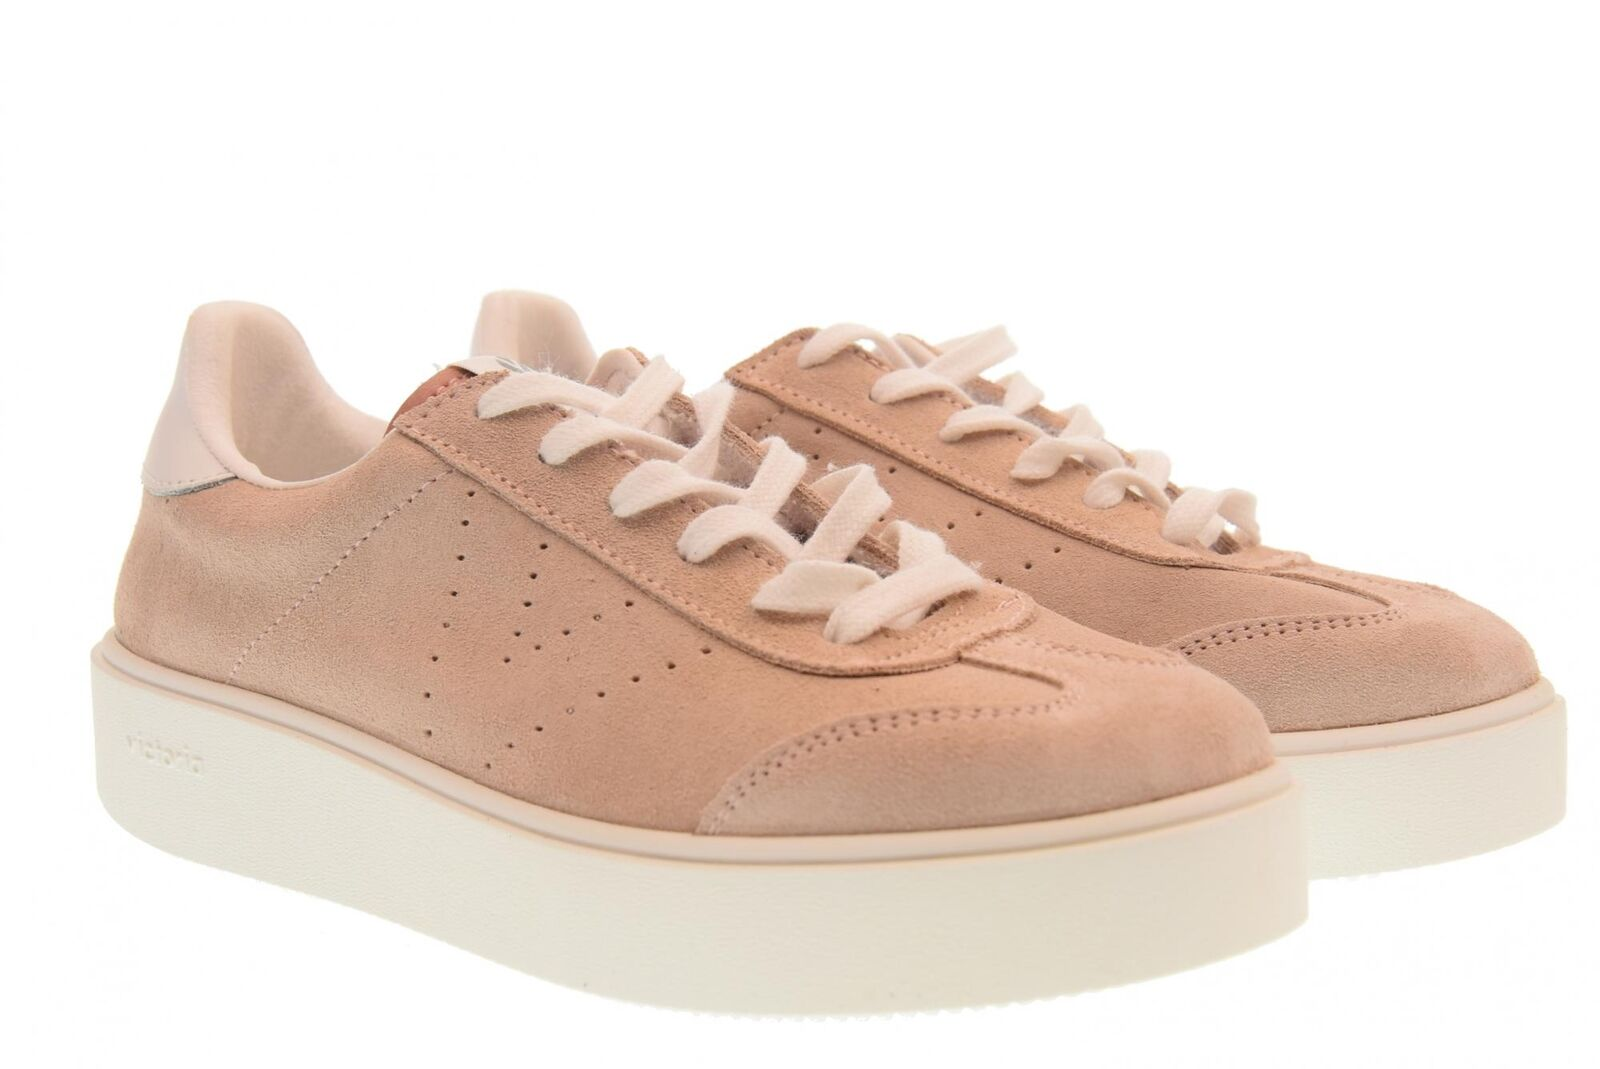 Victoria zapatos tenis tenis tenis de mujer A18us baja con plataforma 260122 rosado  compras en linea